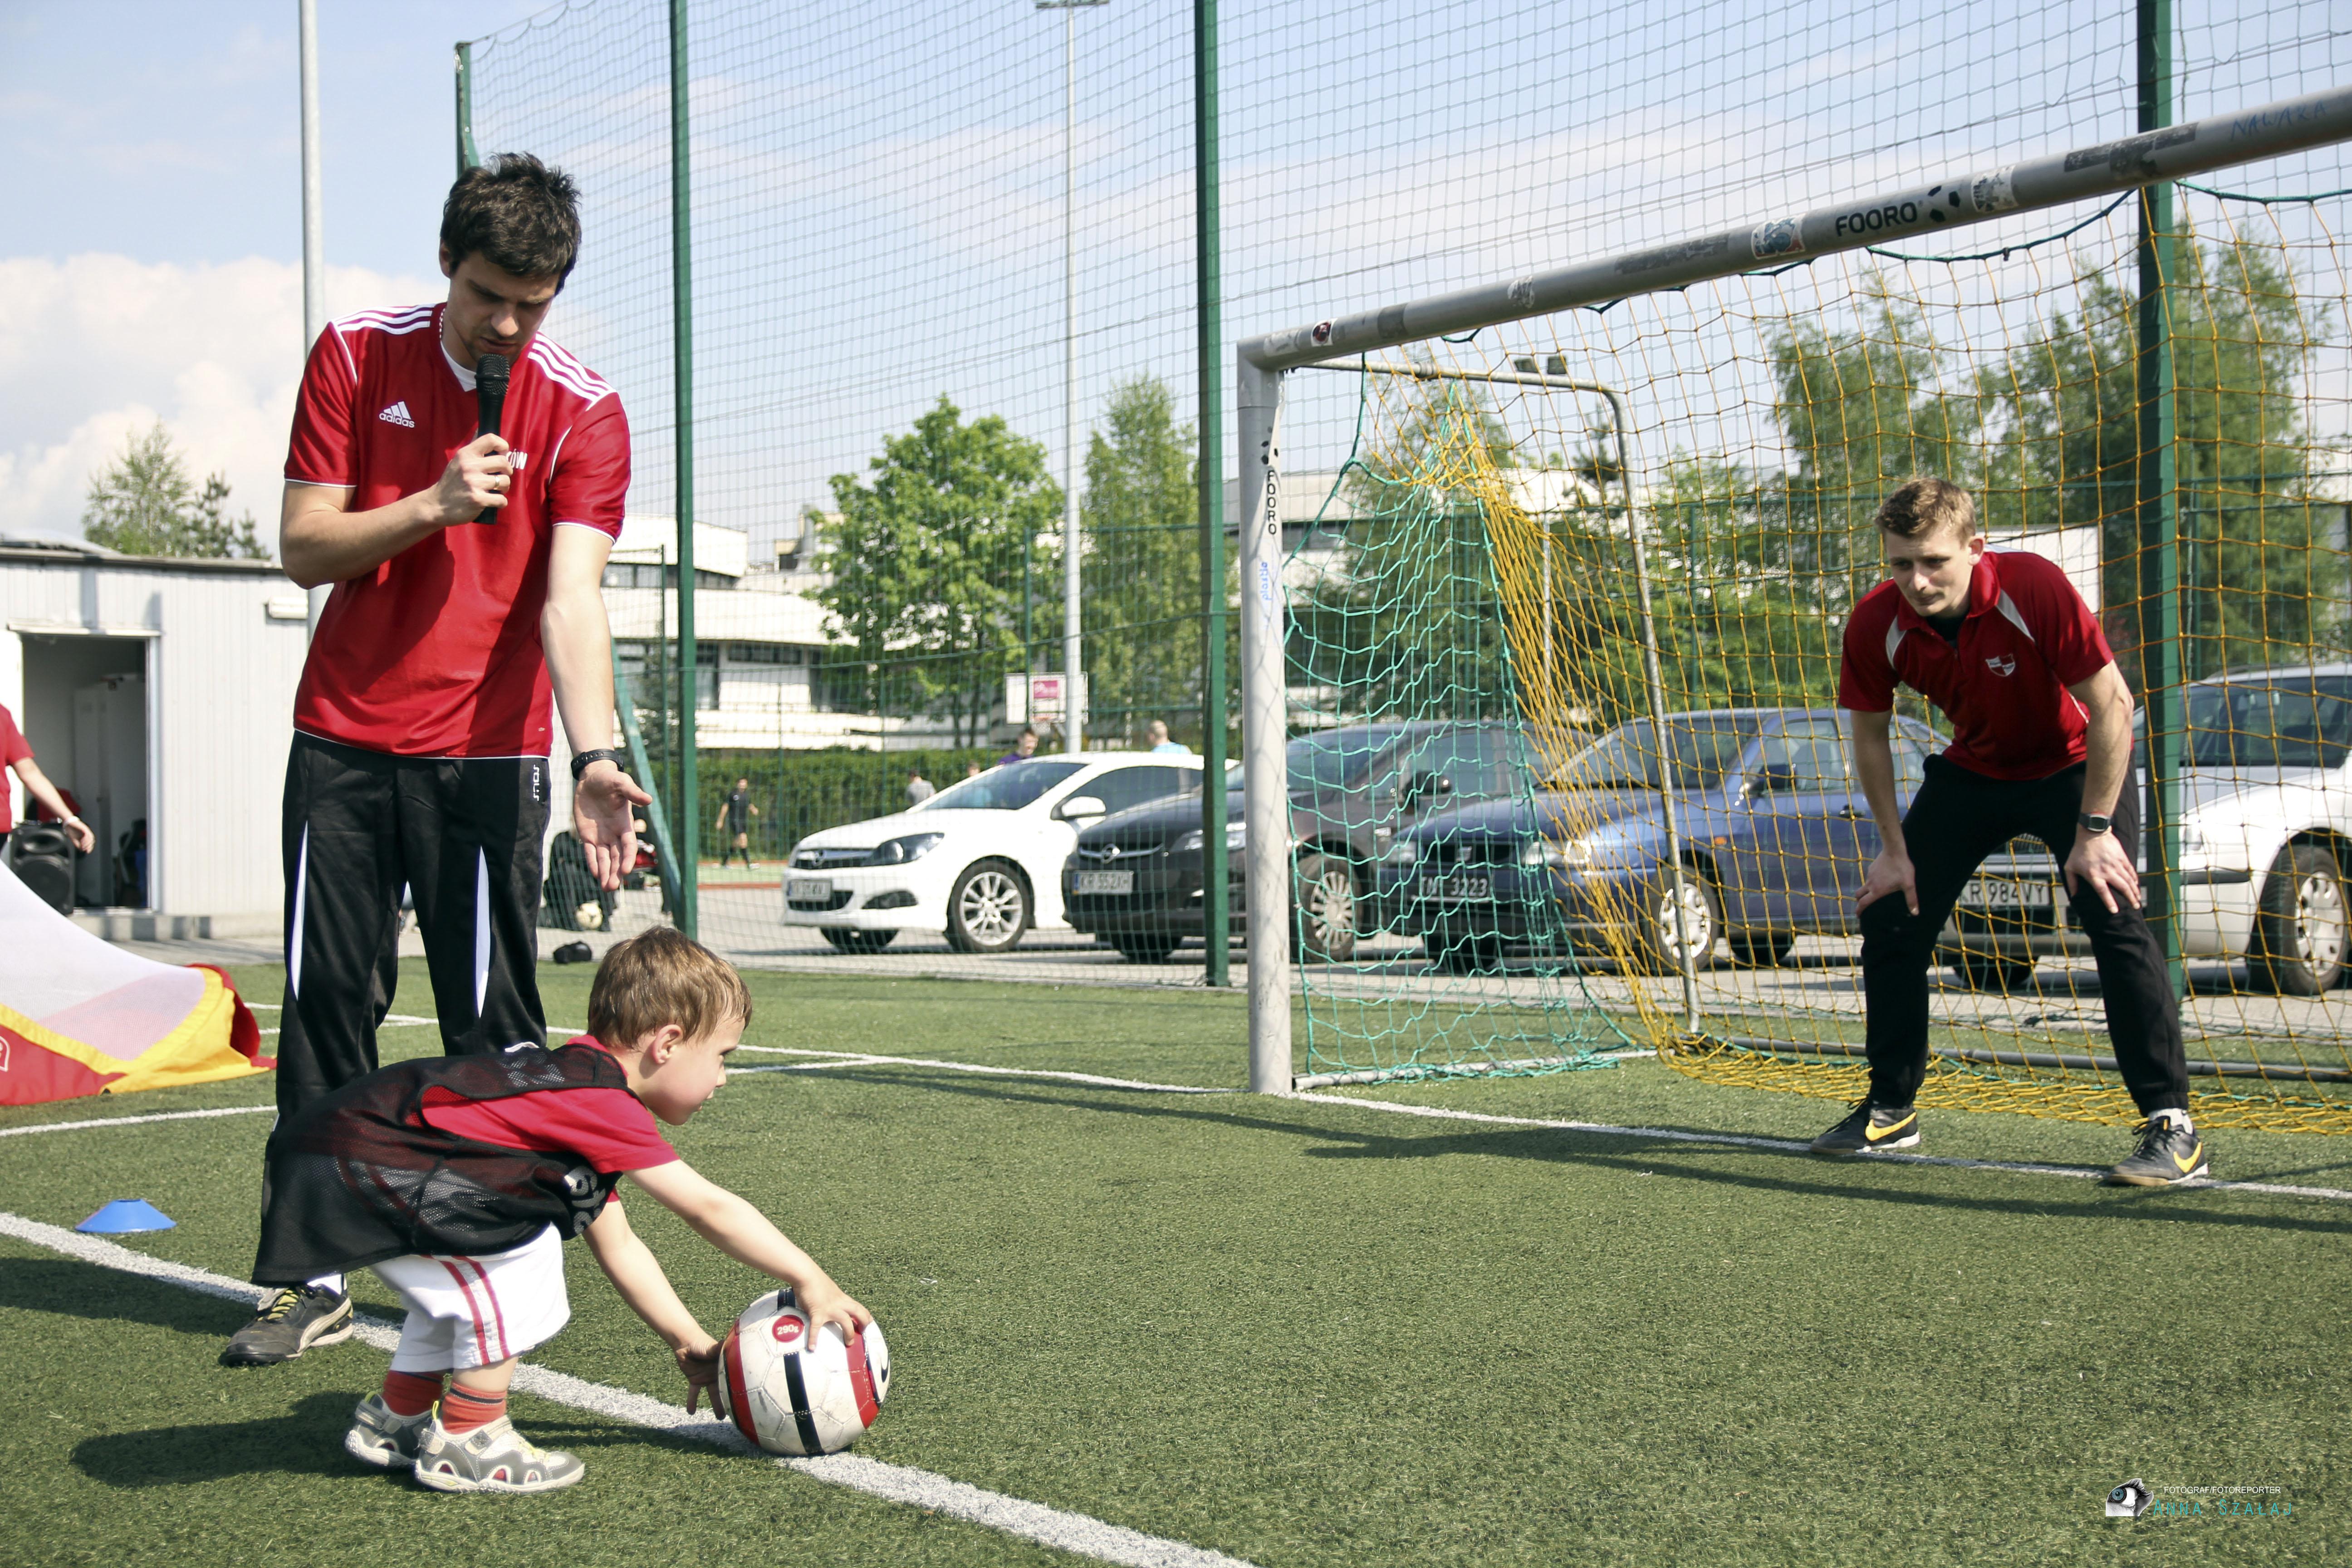 Sport pomaga w wychowaniu, uczy porządku i systematyczności